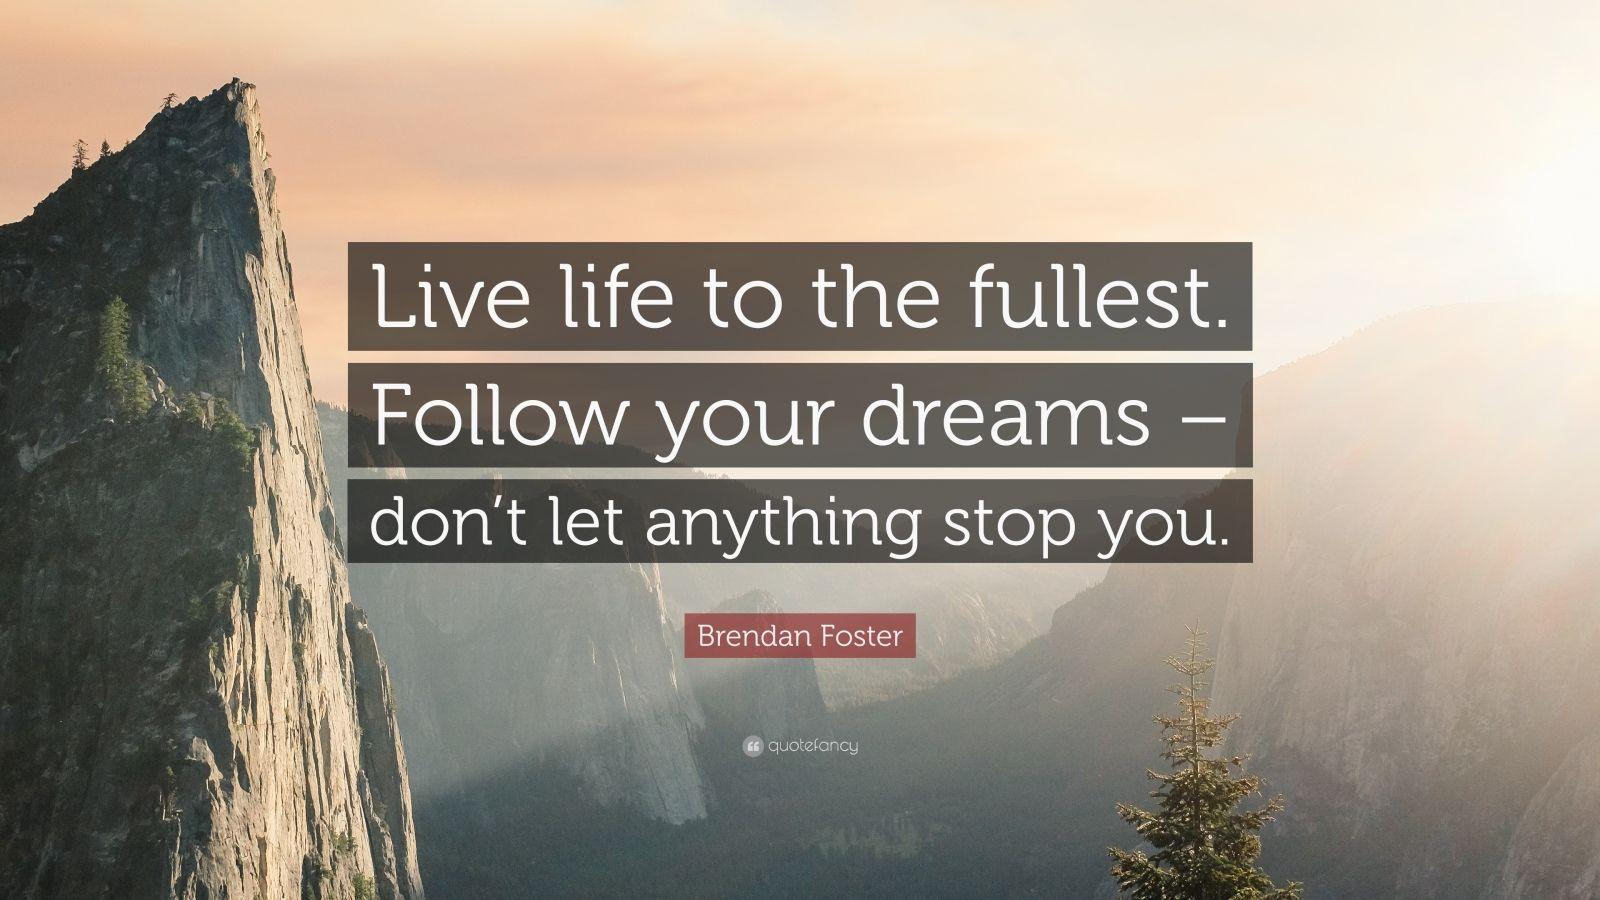 Brendan Foster Quotes (3 wallpapers) - Quotefancy